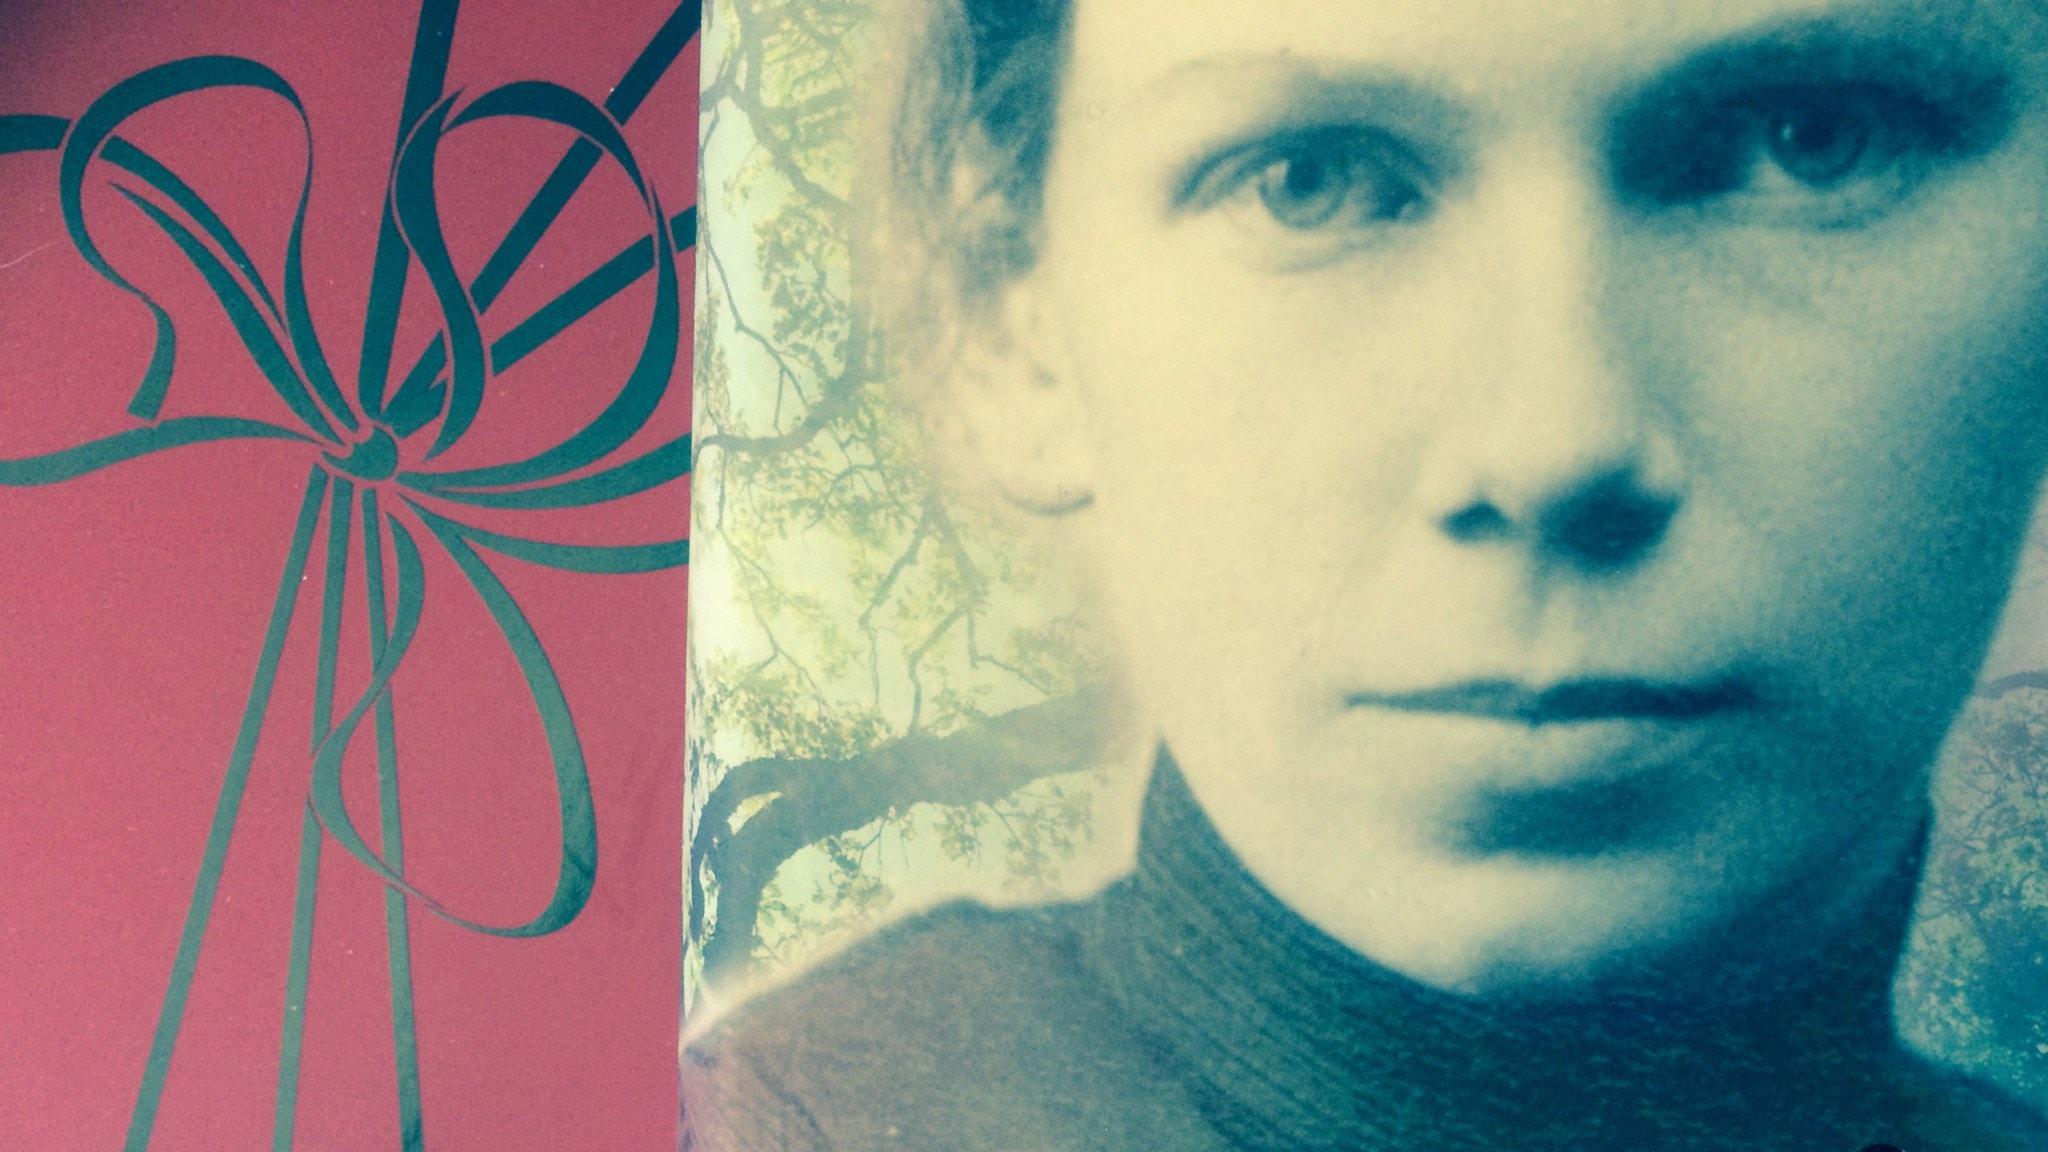 Romanprisjuryn diskuterar bok 3: Masja av Carola Hansson